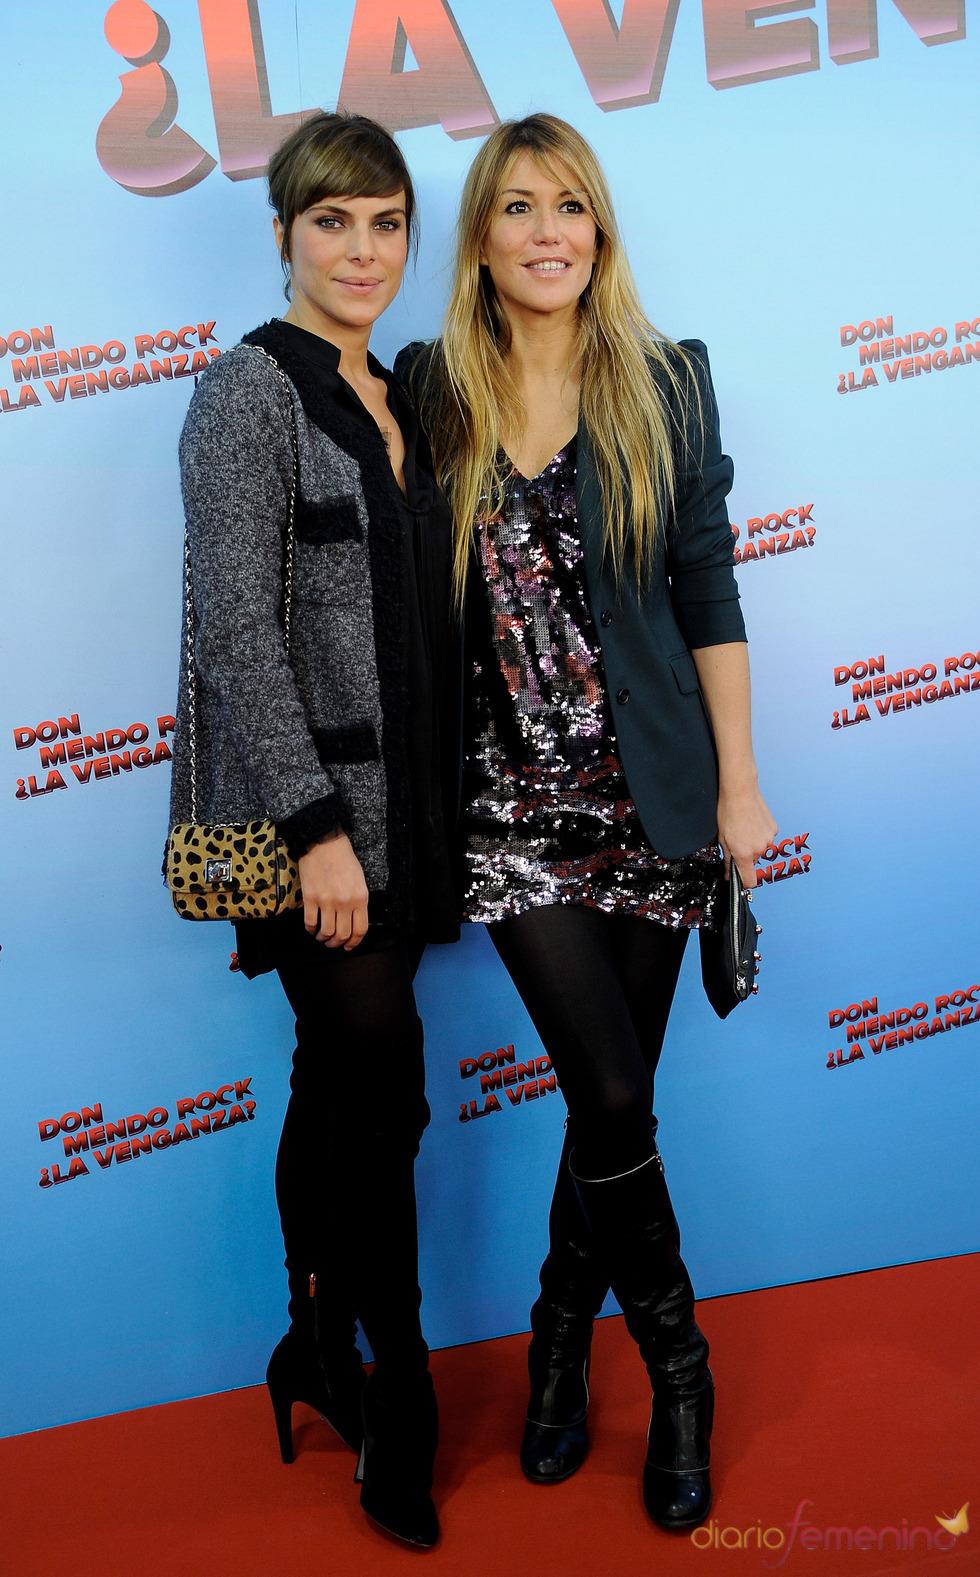 Candela Arroyo y Raquel Merono en 'Don Mendo Rock ¿La venganza?'